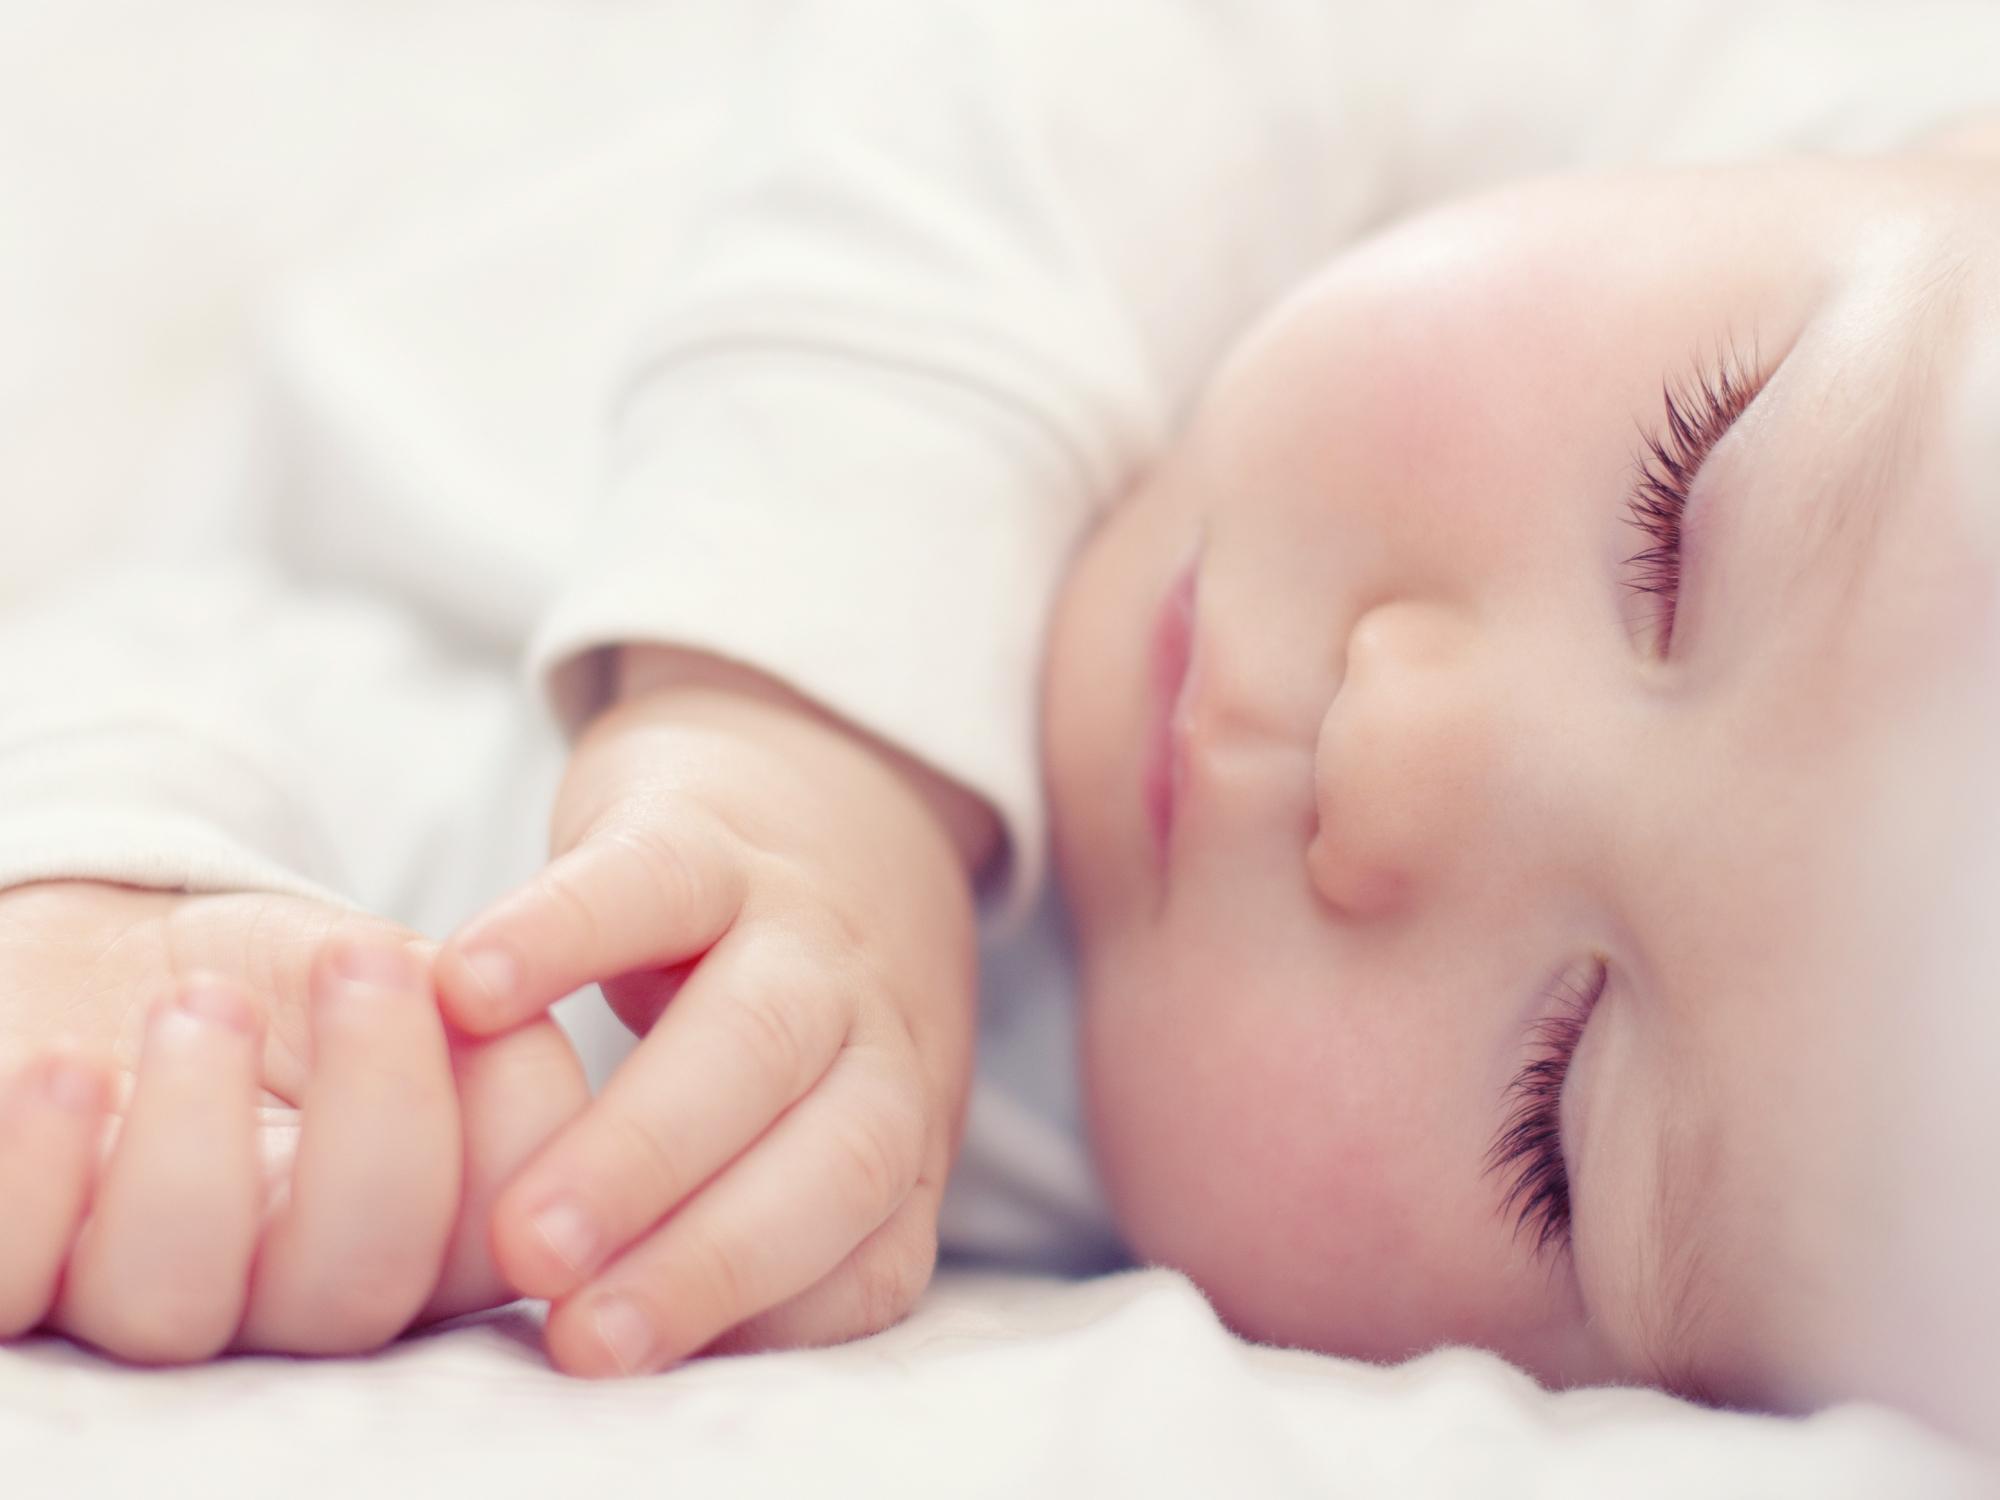 Bébé - Docteur Véronique Divry - Procréation Médicalement Assistée